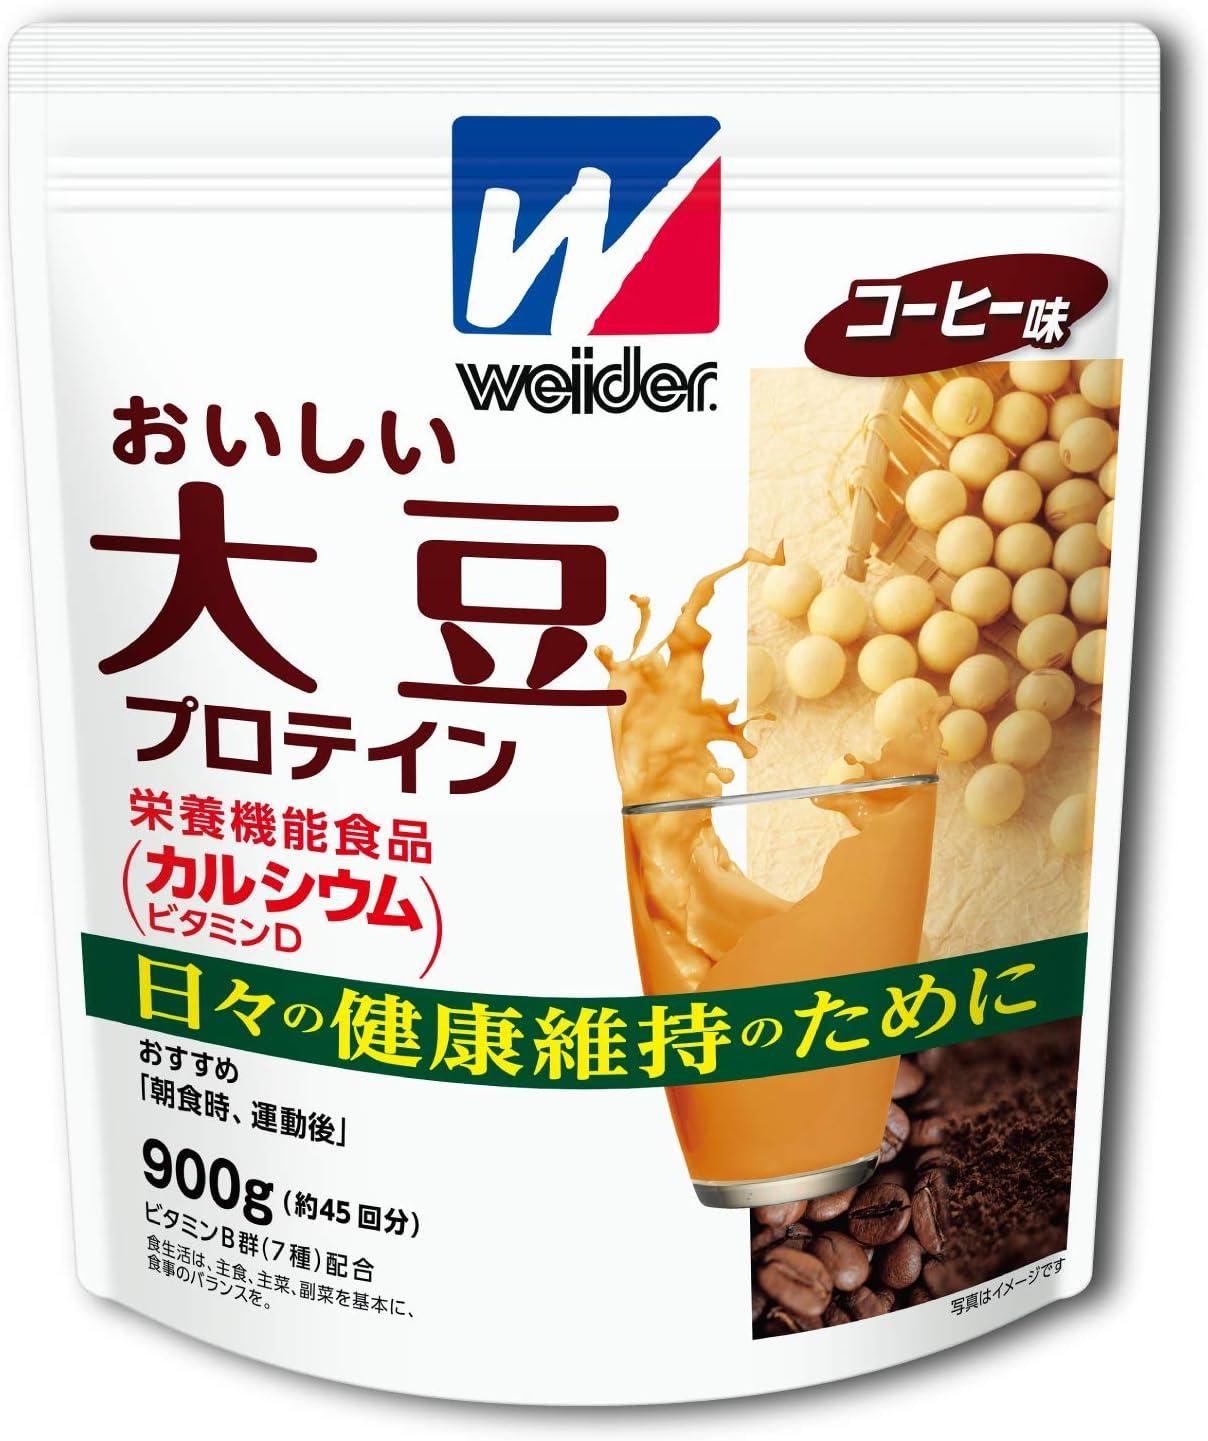 ウイダー おいしい大豆プロテイン